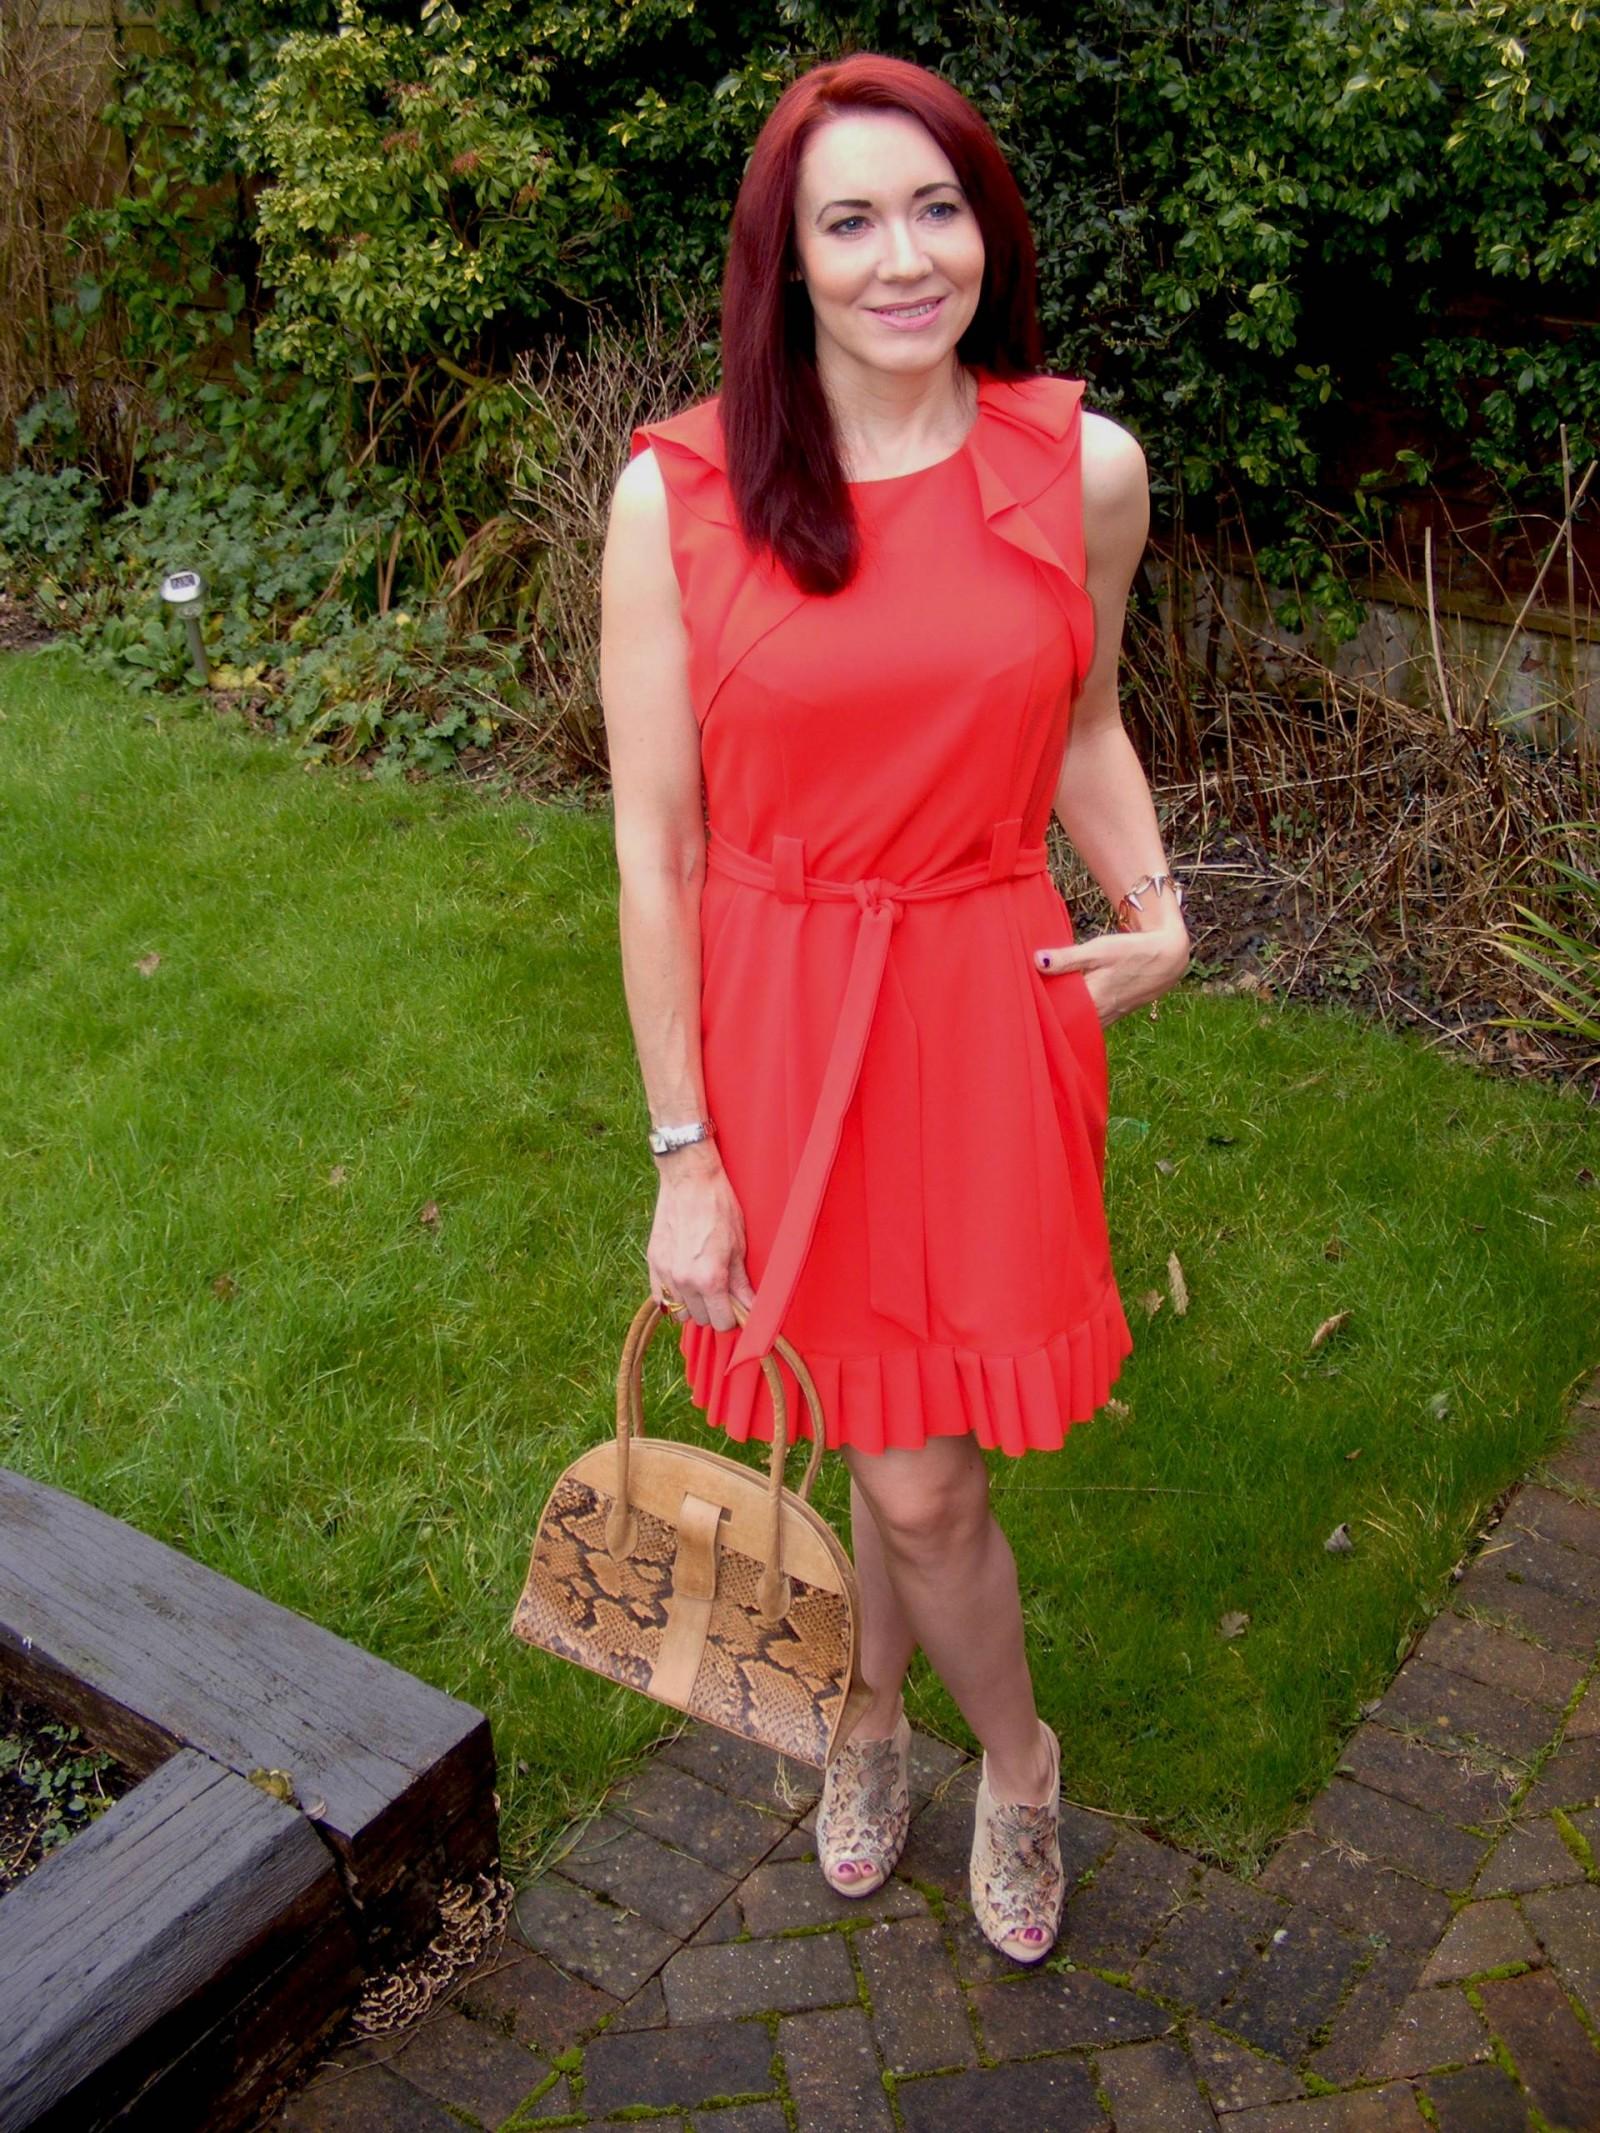 J by Jasper Conran red dress